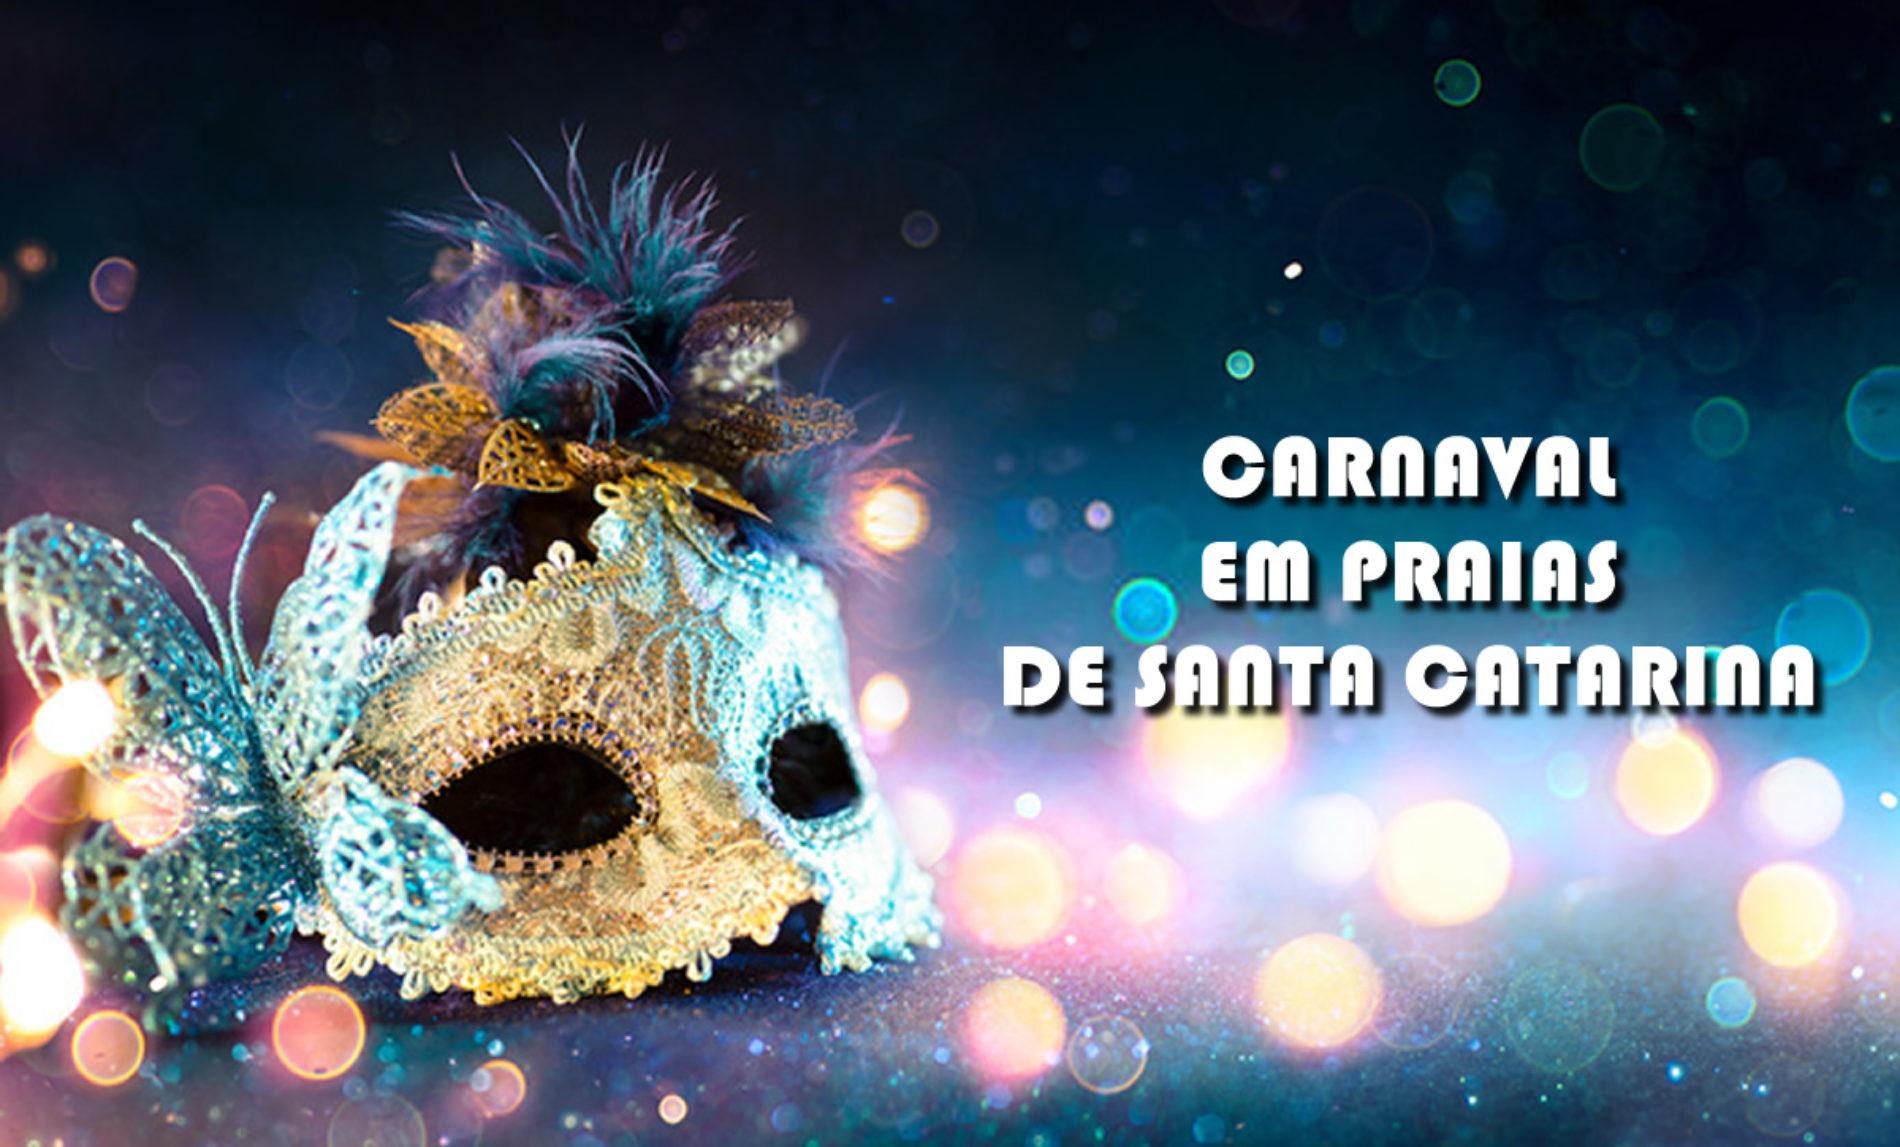 Carnaval 2020 em Praias de Santa Catarina